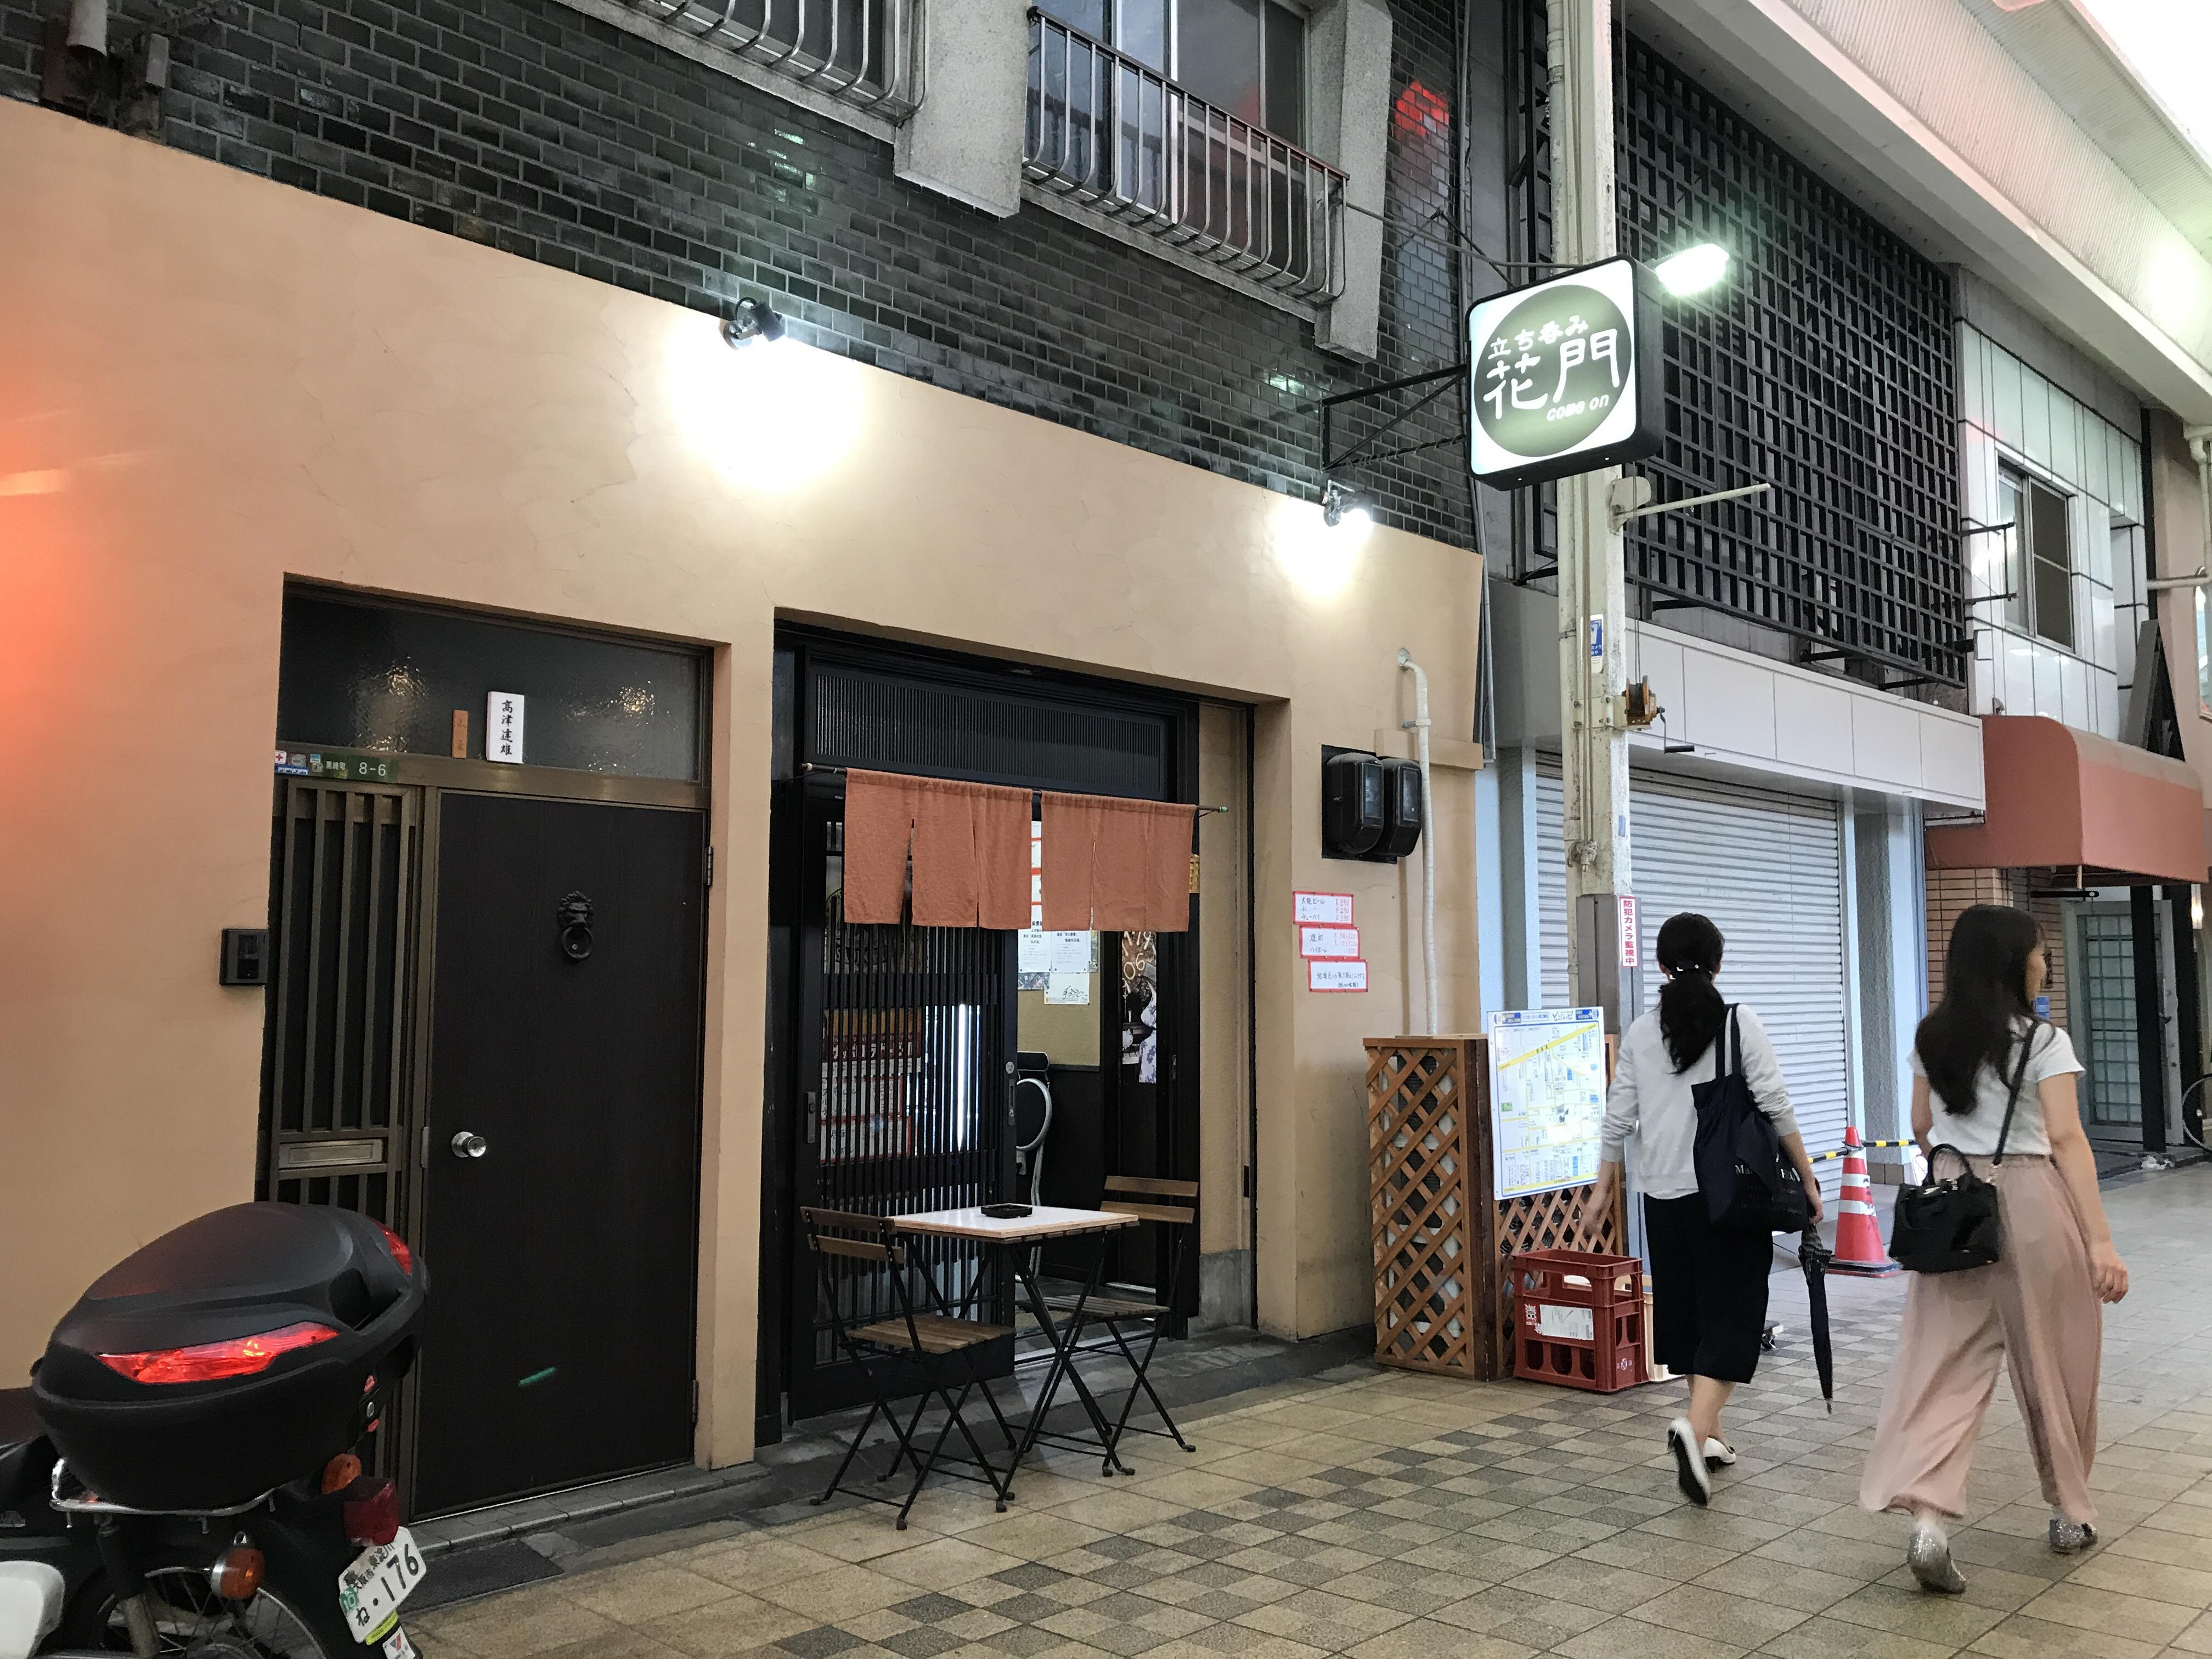 【天神橋筋昼呑み部】天五中崎商店街のコスパ高い【花門】に行..